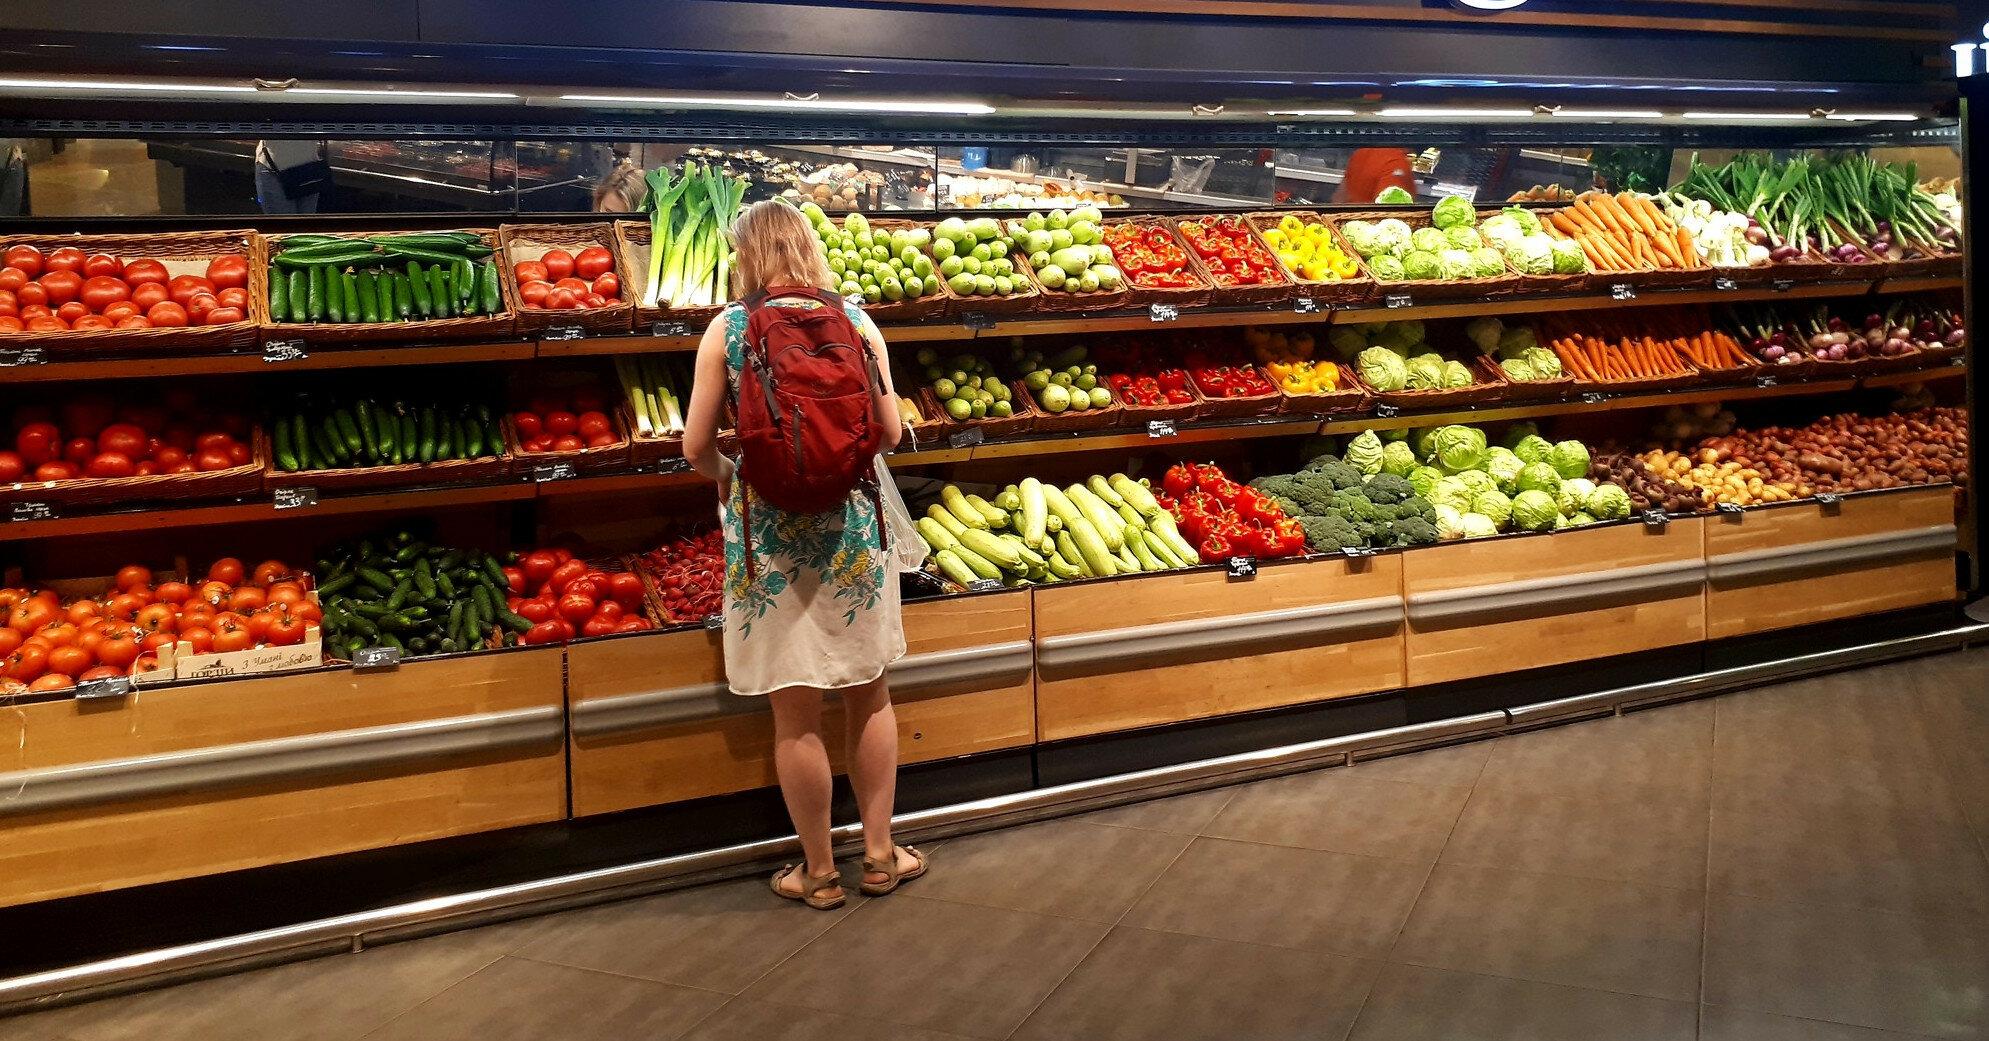 Как экономить на покупках в супермаркете: 10 проверенных лайфхаков